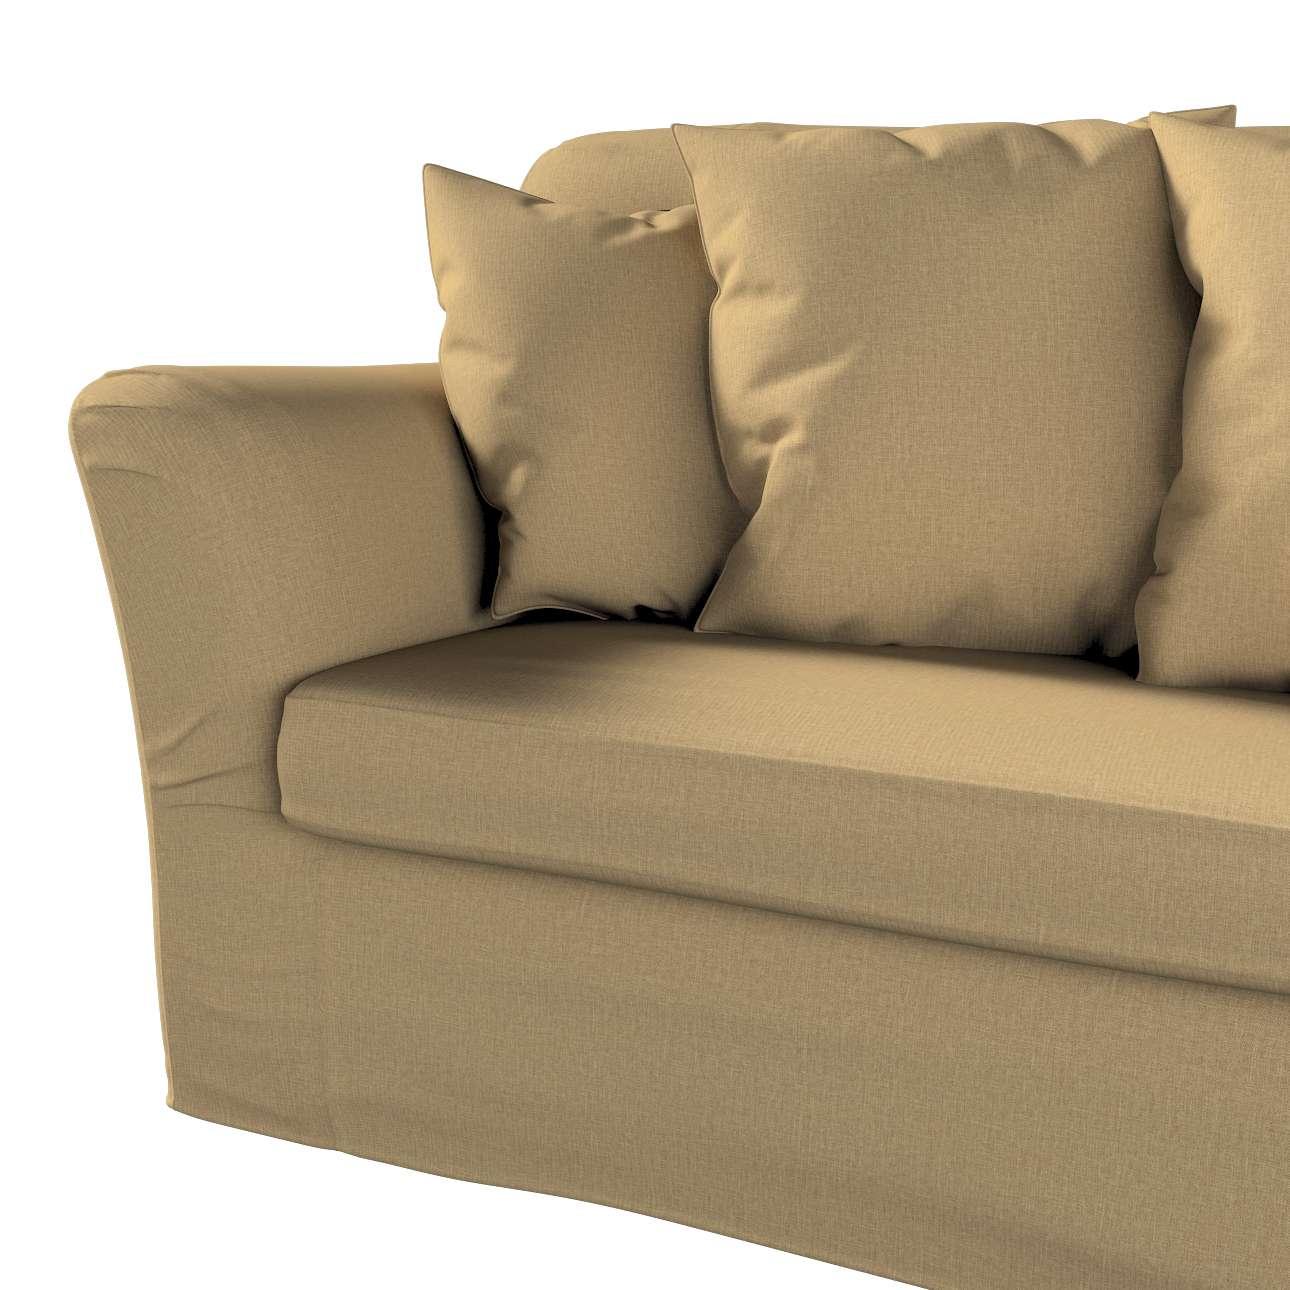 Pokrowiec na sofę Tomelilla 3-osobową rozkładaną w kolekcji Living, tkanina: 161-50